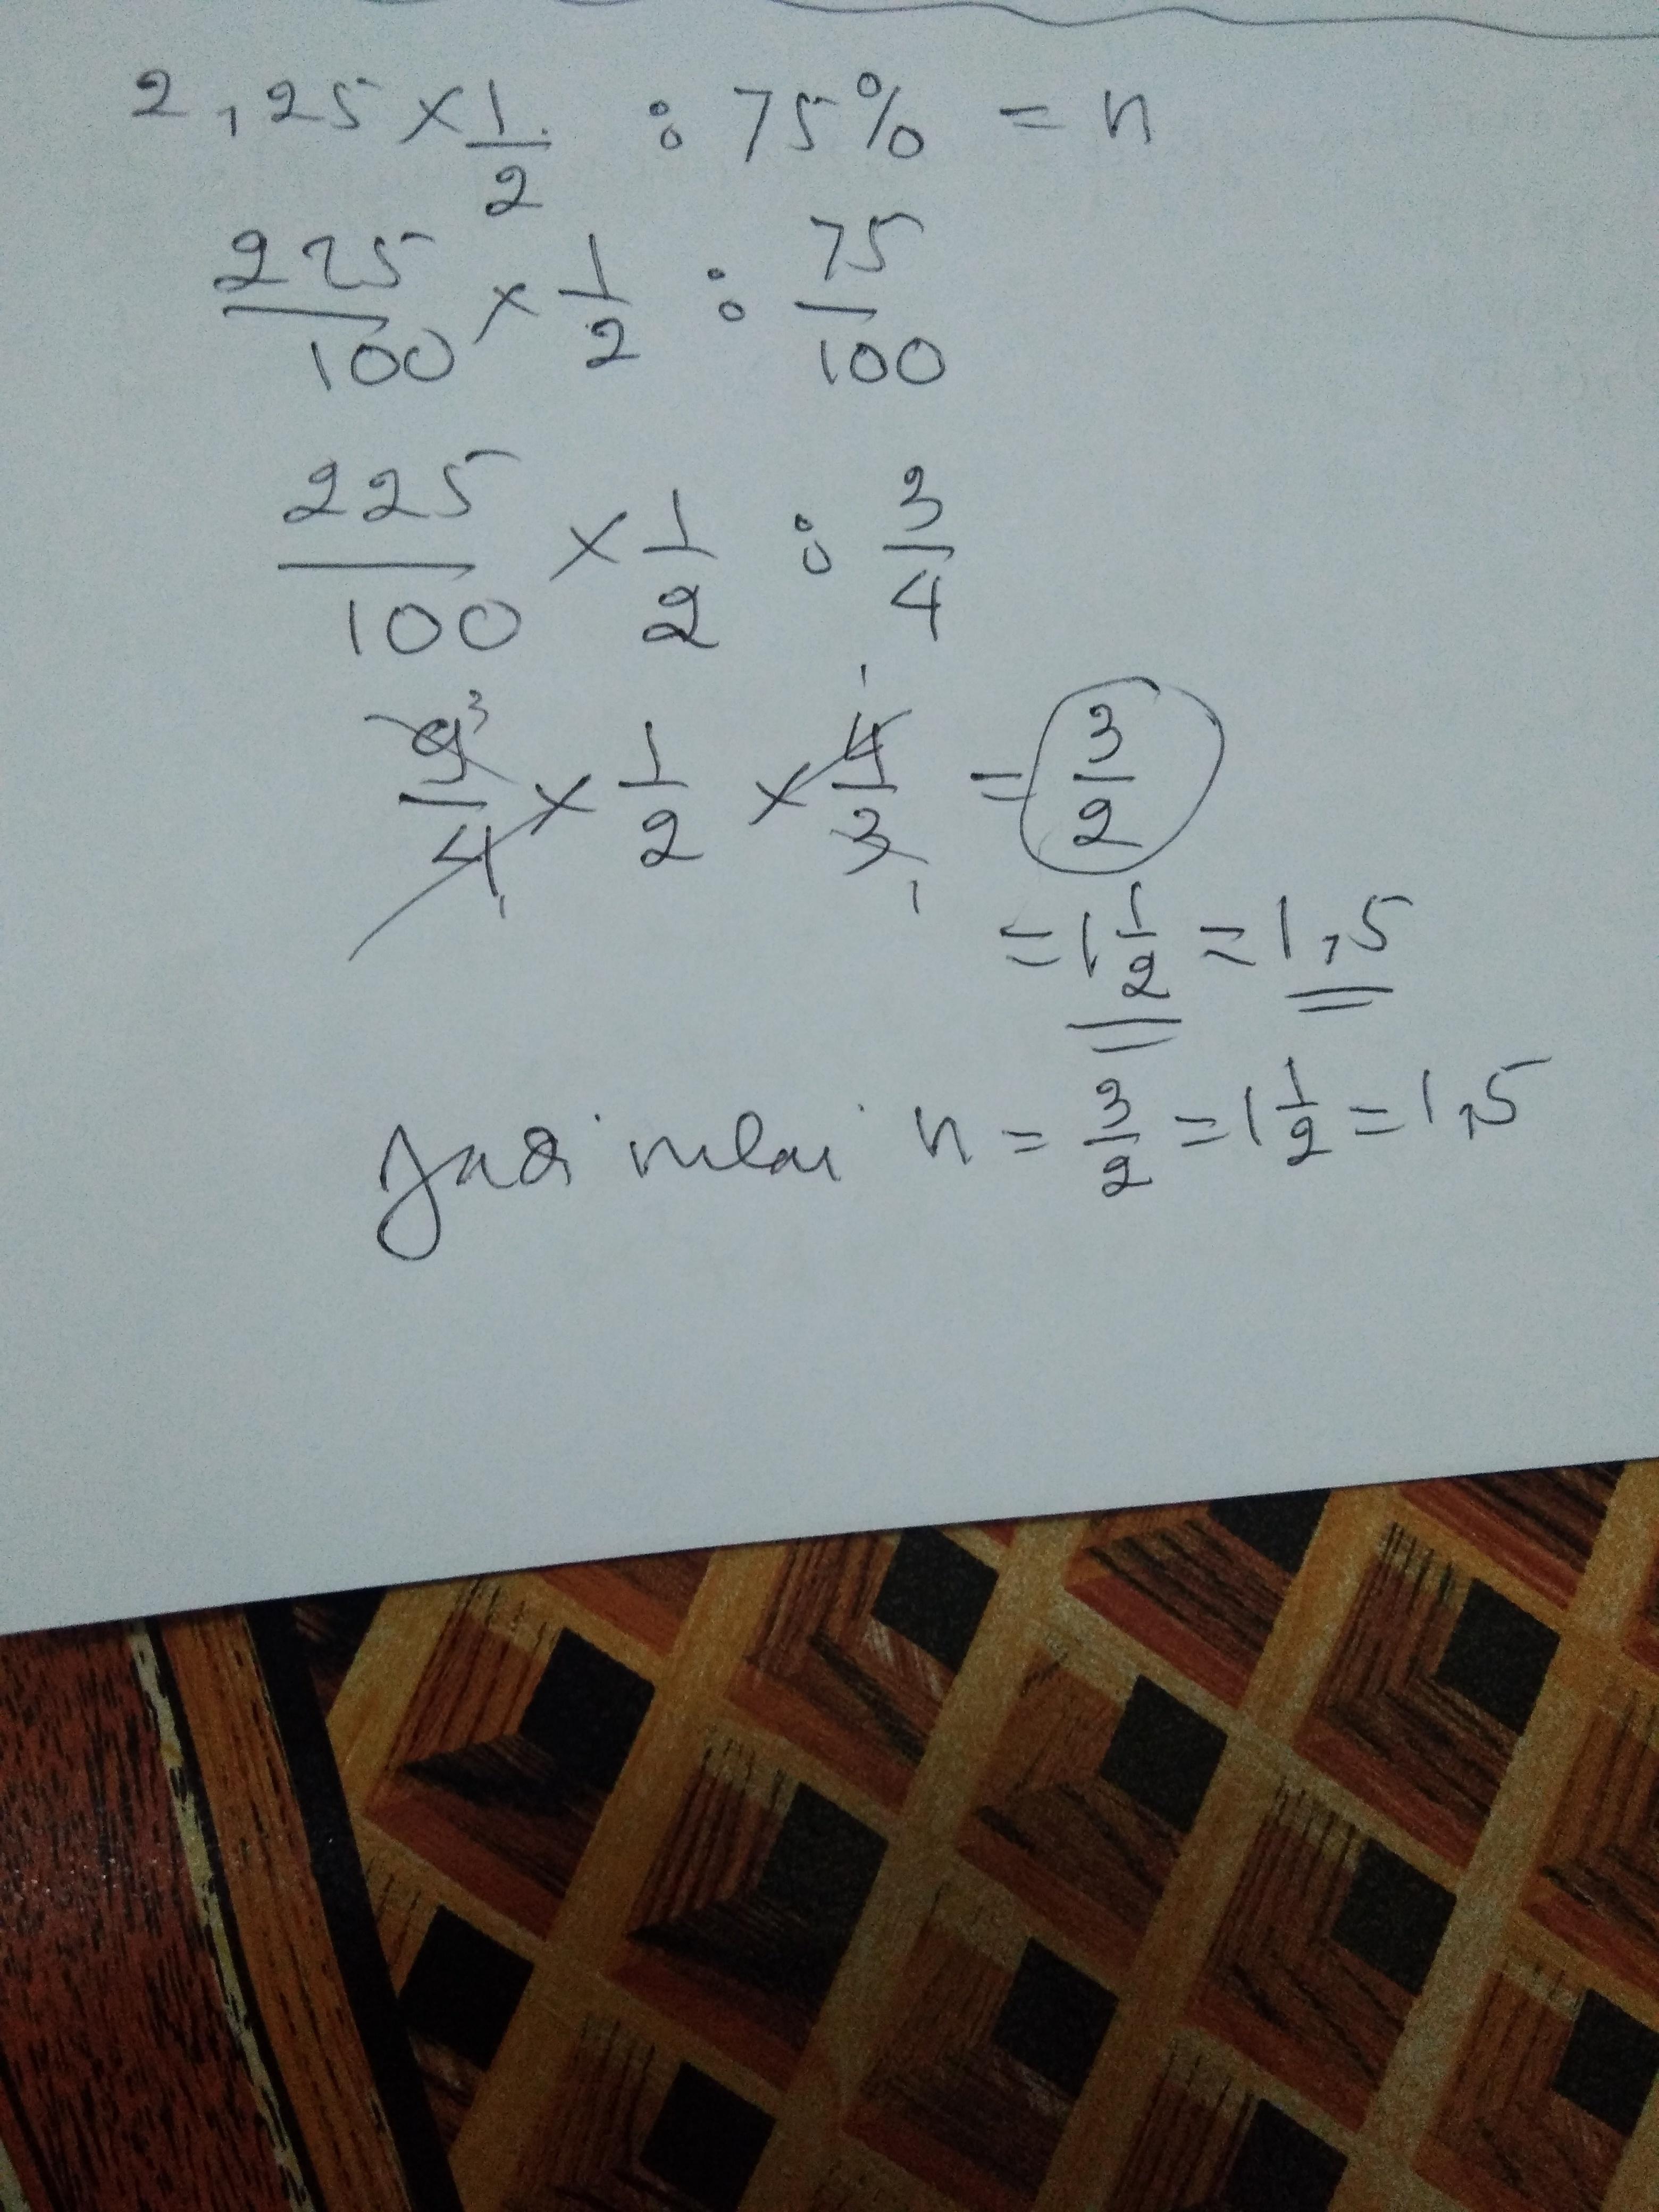 2 25 x 1 2 75 n nilai n yg tepat adalah